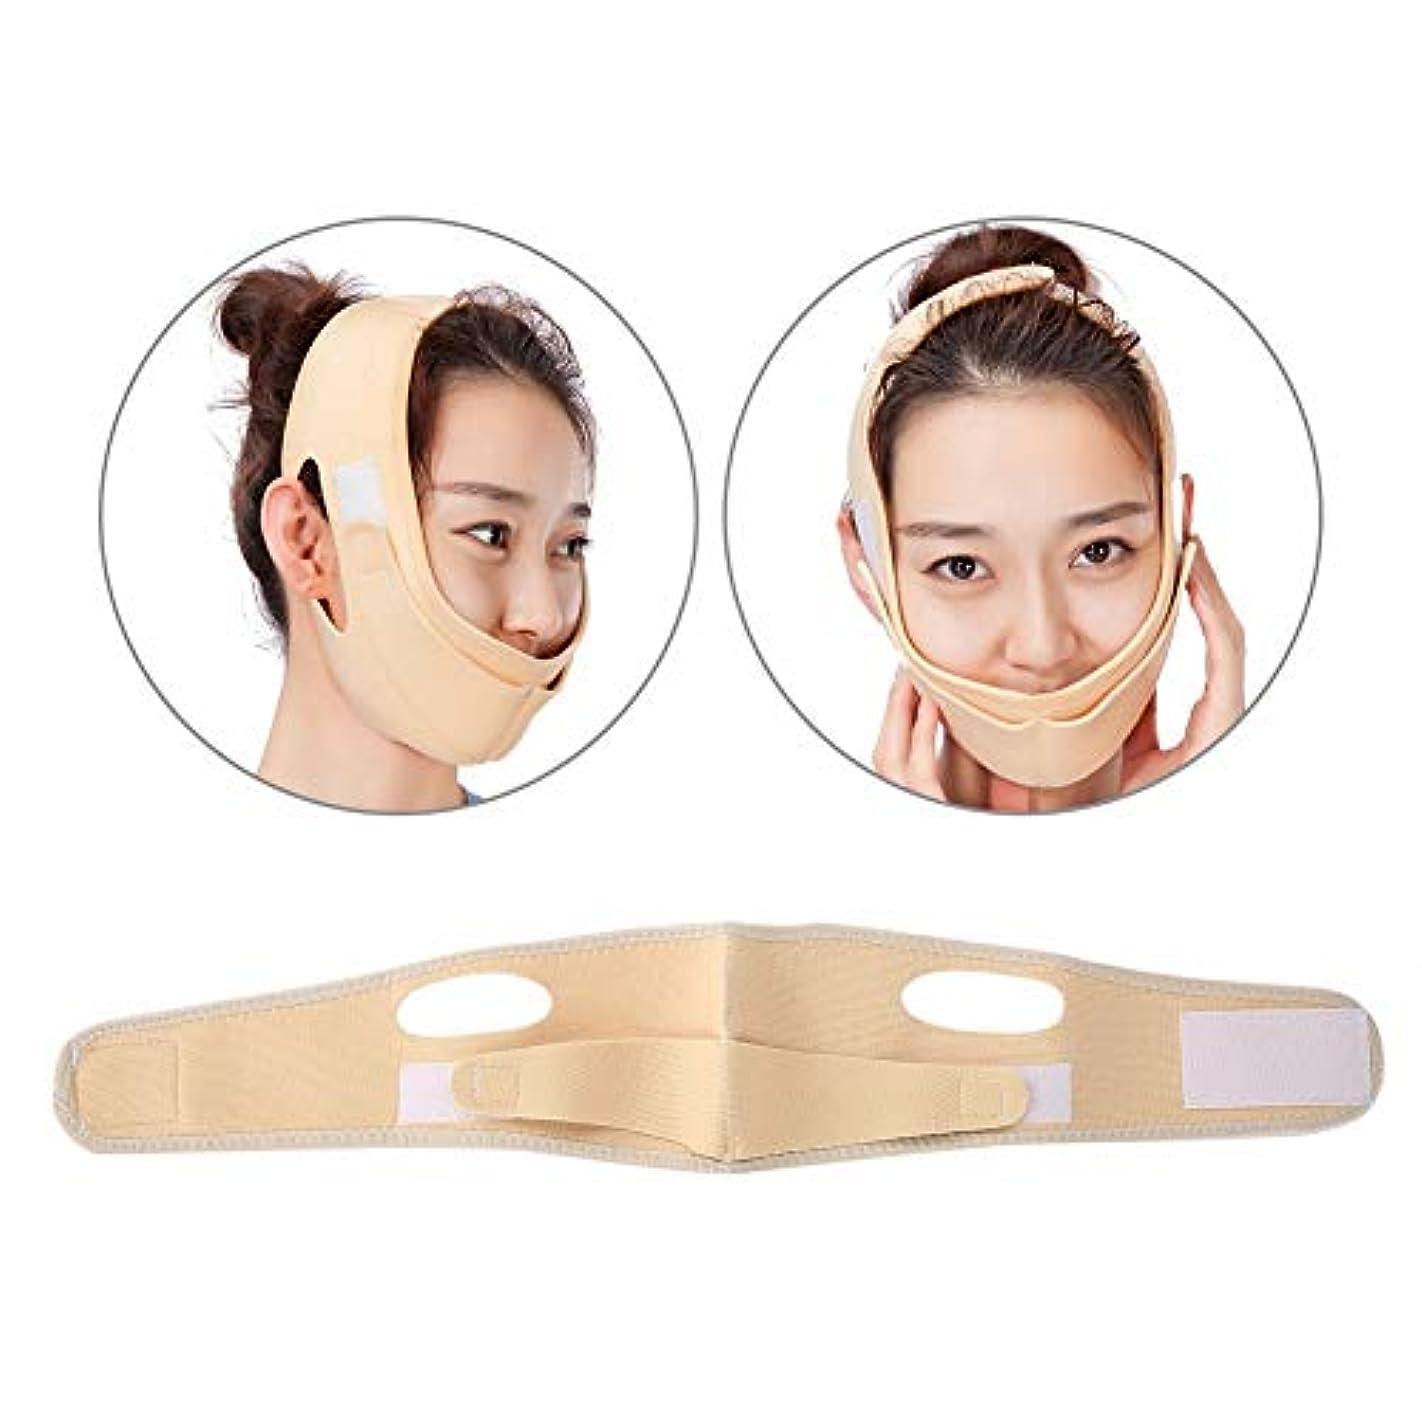 利得惑星圧縮するフェイスリフト用 フェイスマスク 顔輪郭を改善する 美容包帯 通気性/伸縮性/変形不可(01)